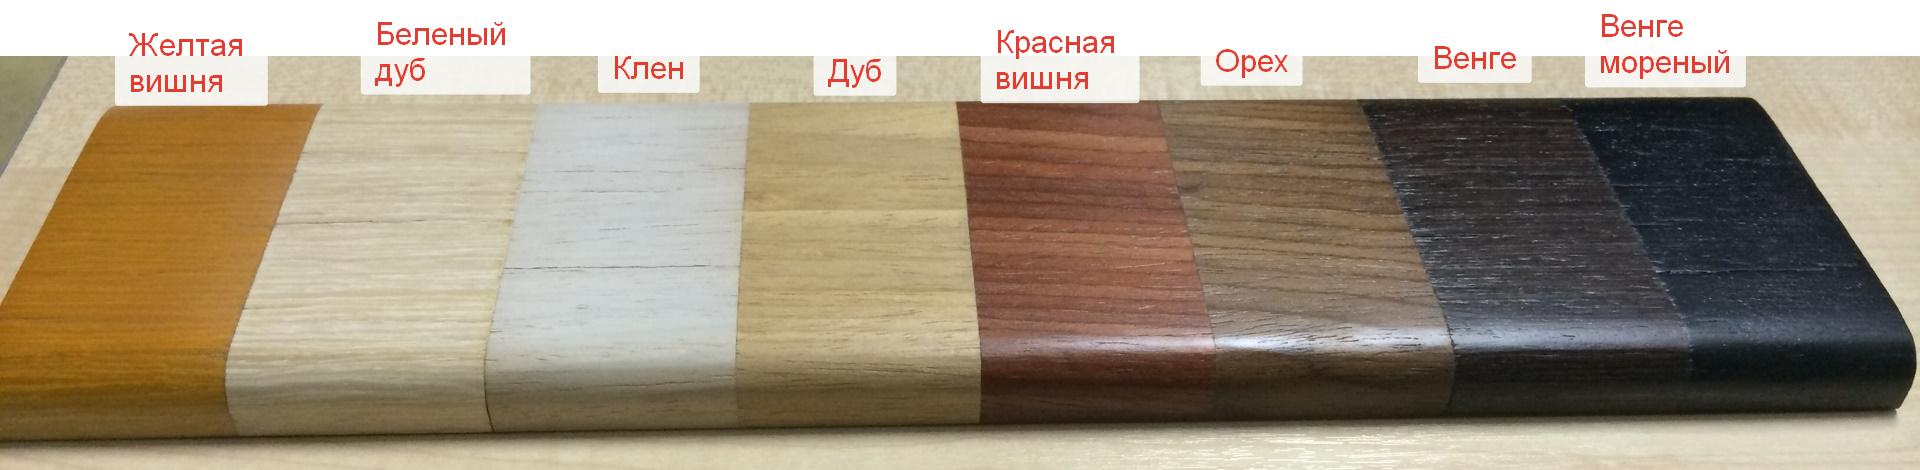 Allegri Мираж - 1